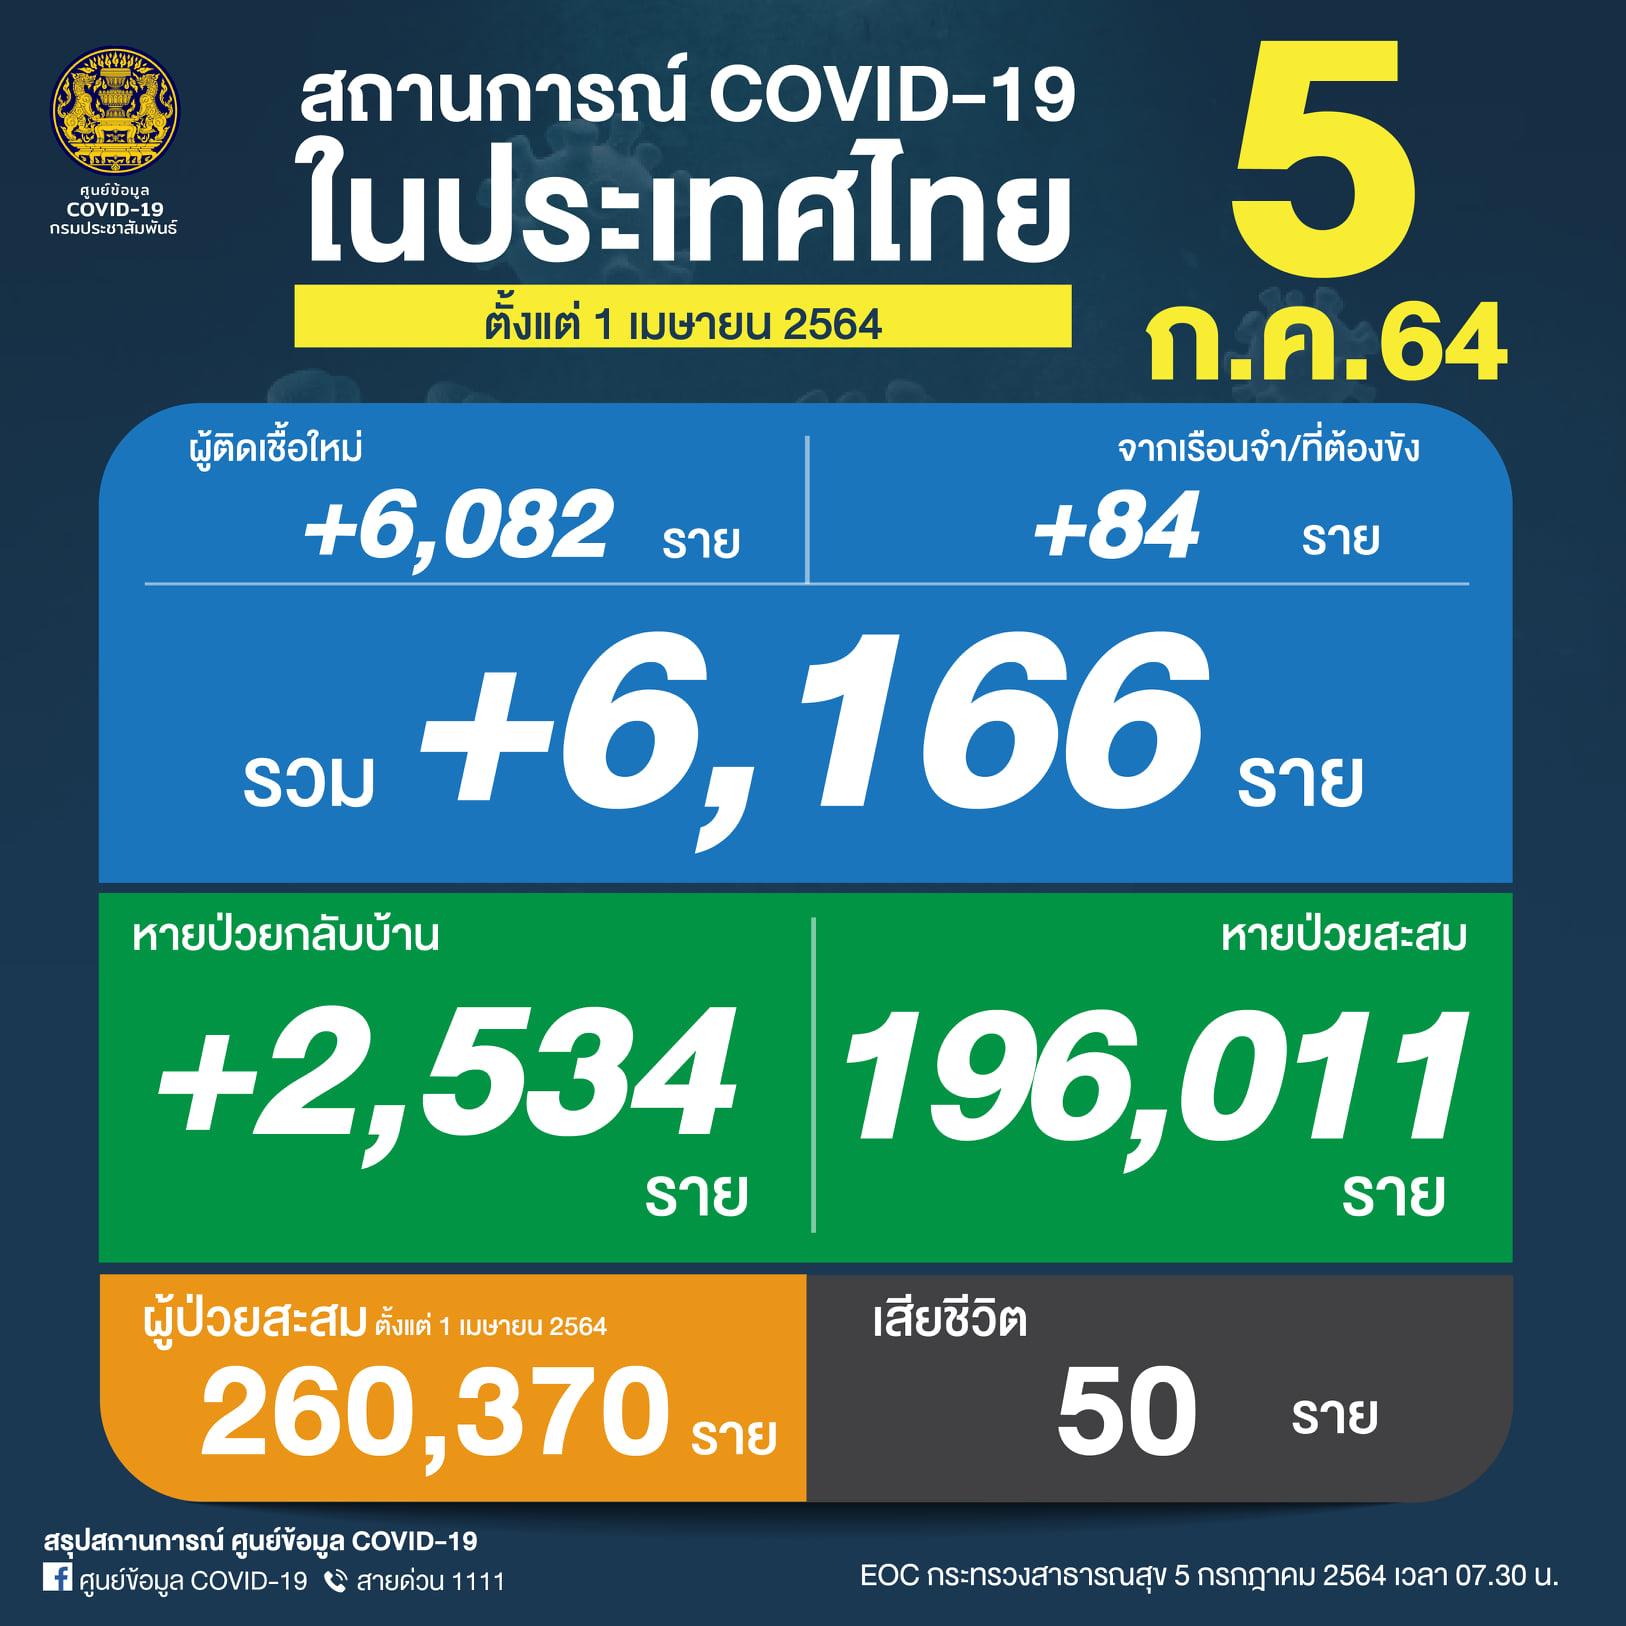 May be an image of text that says 'COVID-19 สถานการณ์ COVID-19 ในประเทศไทย 5 ตั้งแต่ 1 เมษายน 2564 ก.ค.64 ผู้ติดเชื้อใหม่ จากเรือนจำ/ที่ต้องขัง +6,082 ราย +84 ราย รวม +6,166 166 ราย หายป่วยกลับบ้าน หายป่วยสะสม +2,534 196,011 ราย ราย ผู้ป่วยสะสม ตั้งแต่ เมษายน2564 260,370 ราย สรุปสถานการณ์ ศูนย์ข้อมูล COVID-19 ศูนย์ข้อมูล COVID- 9 สายด่วน 1111 เสียชีวิต 50 ราย กรกฎาคม 2564 เวลา'